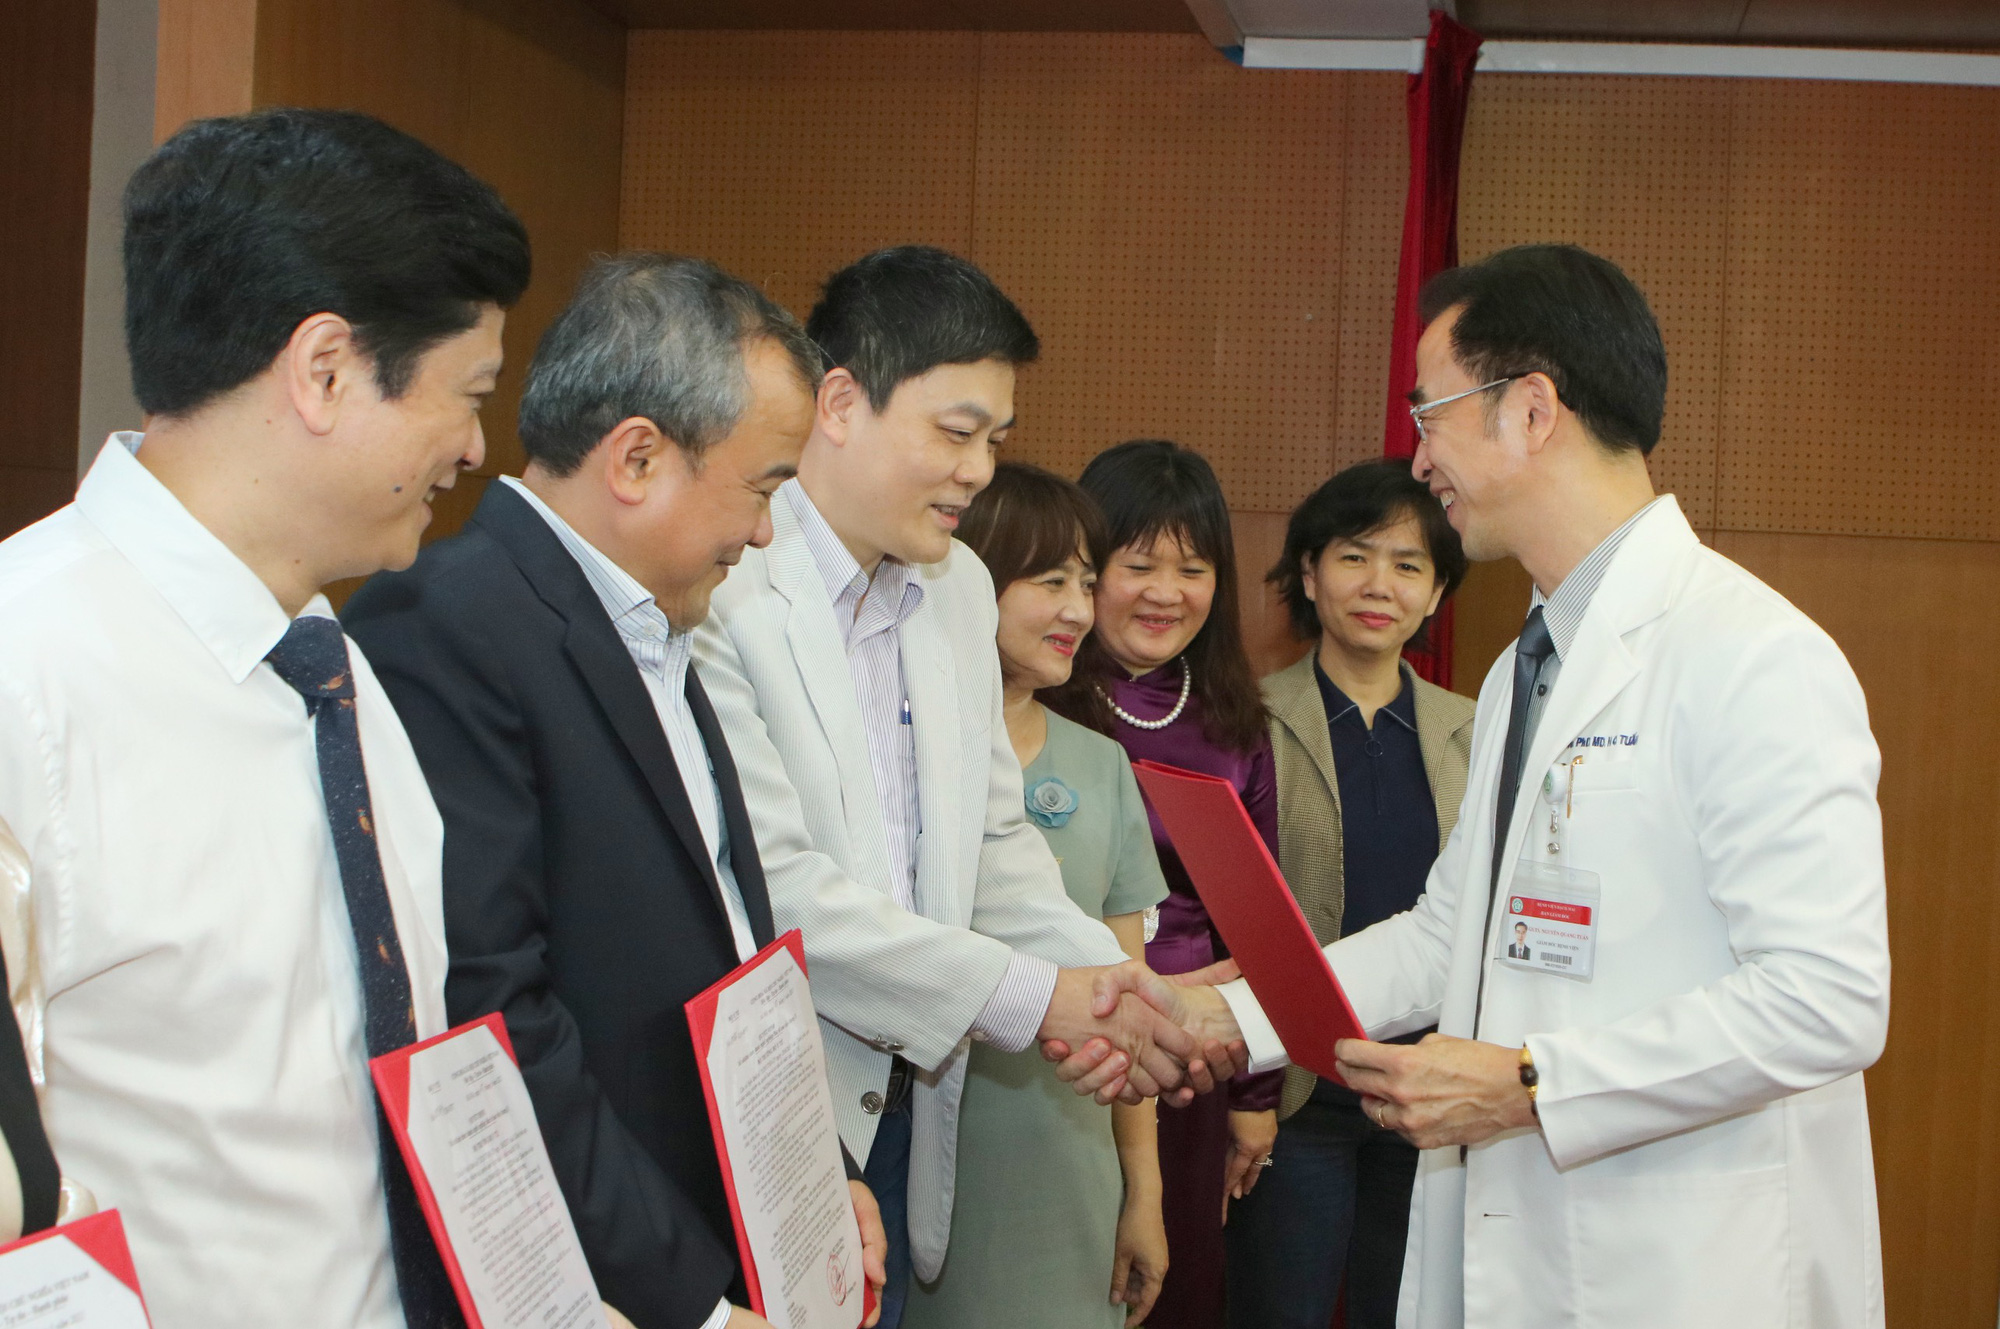 Giám đốc Bệnh viện Bạch Mai trao bổ nhiệm bác sĩ cao cấp cho 19 người - Ảnh 2.